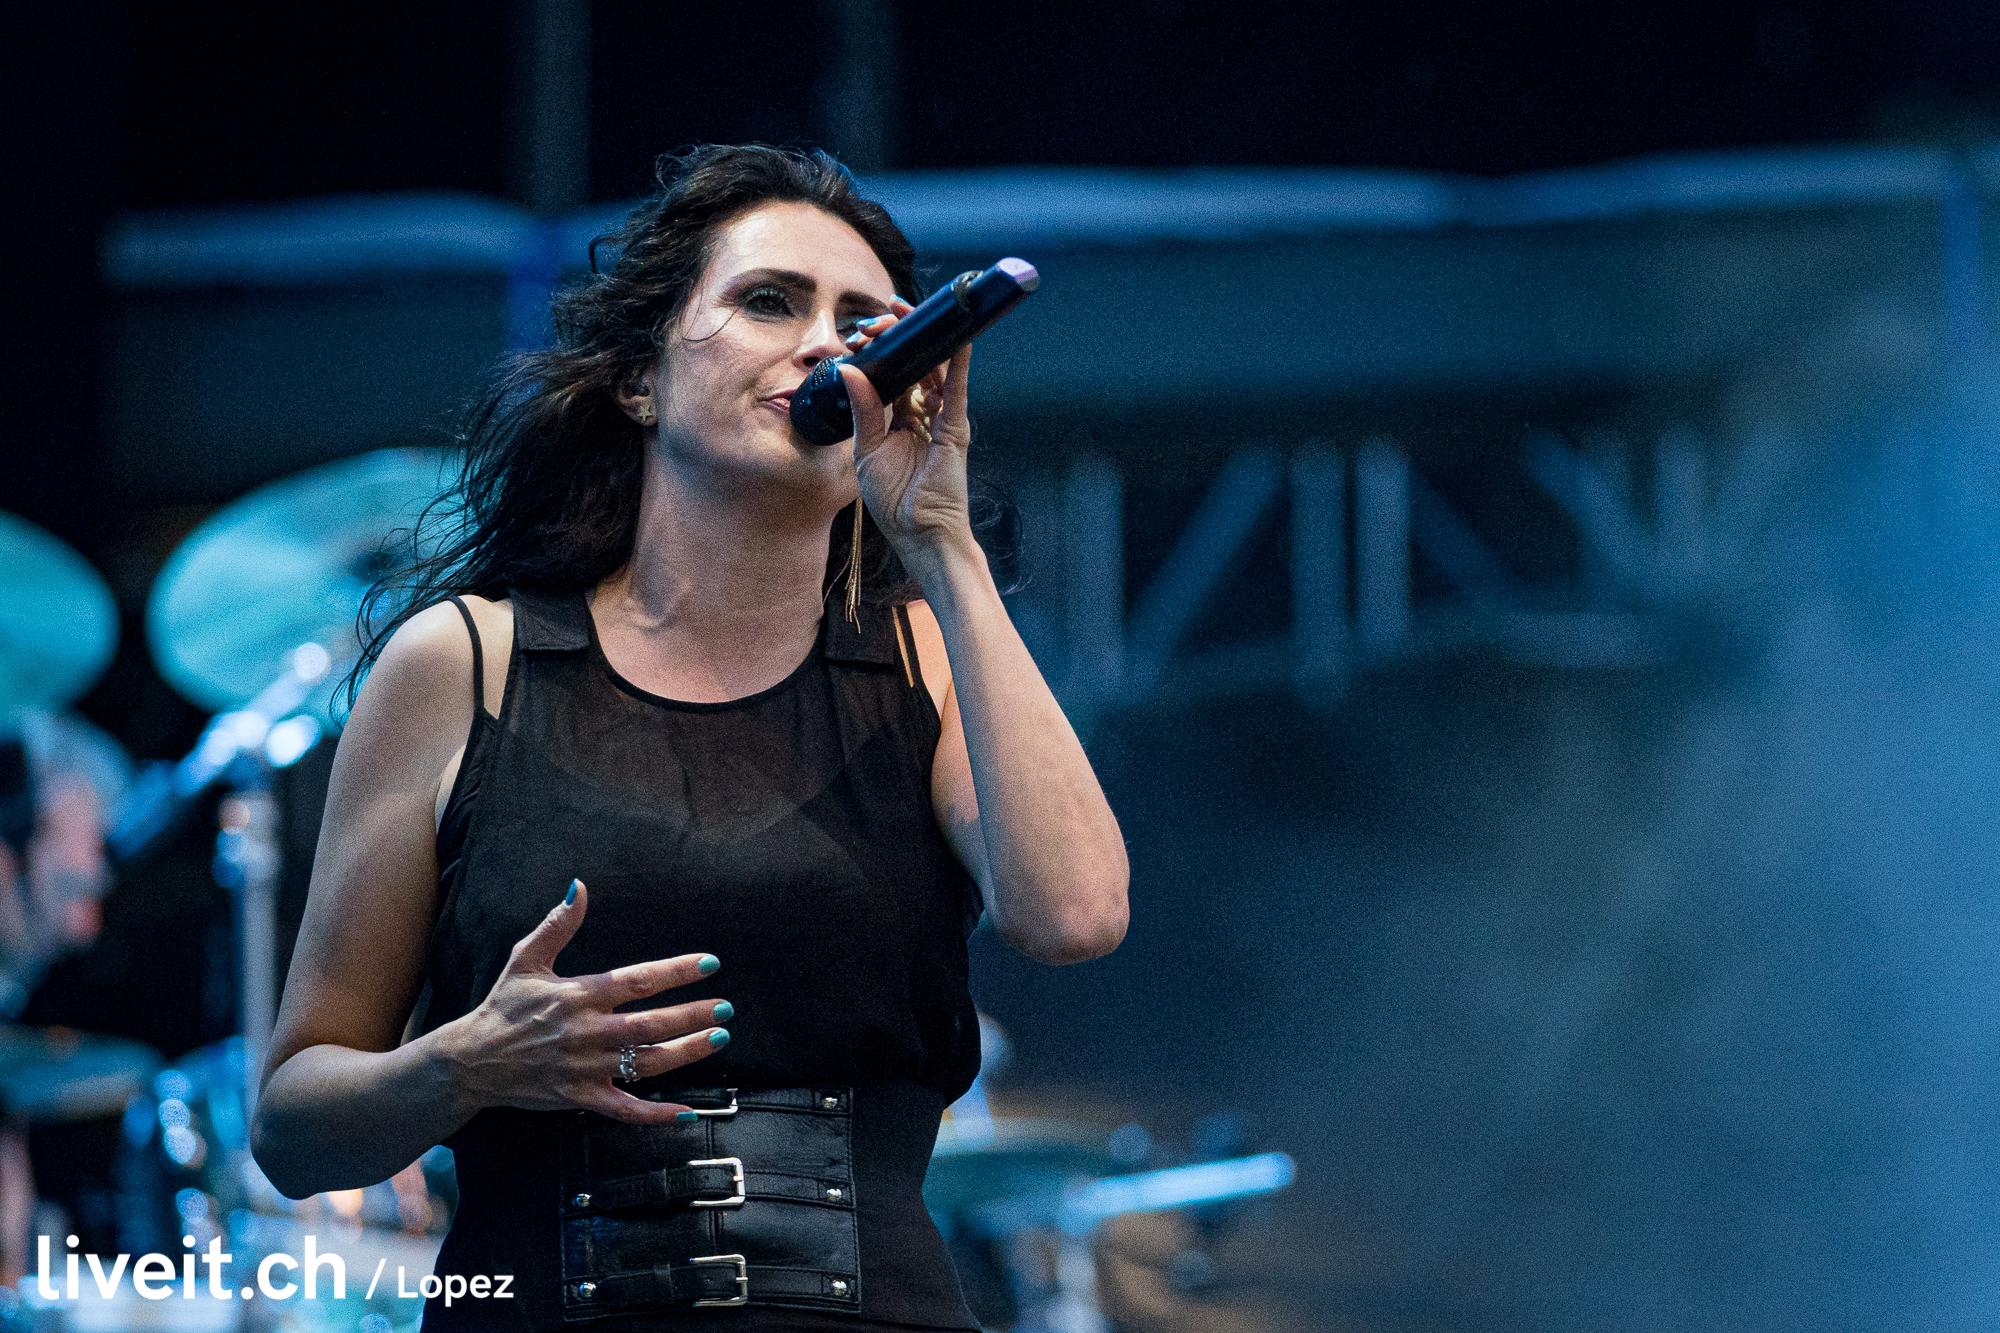 SCHWEIZ GREENFIELD FESTIVAL 2019 Within Temptation